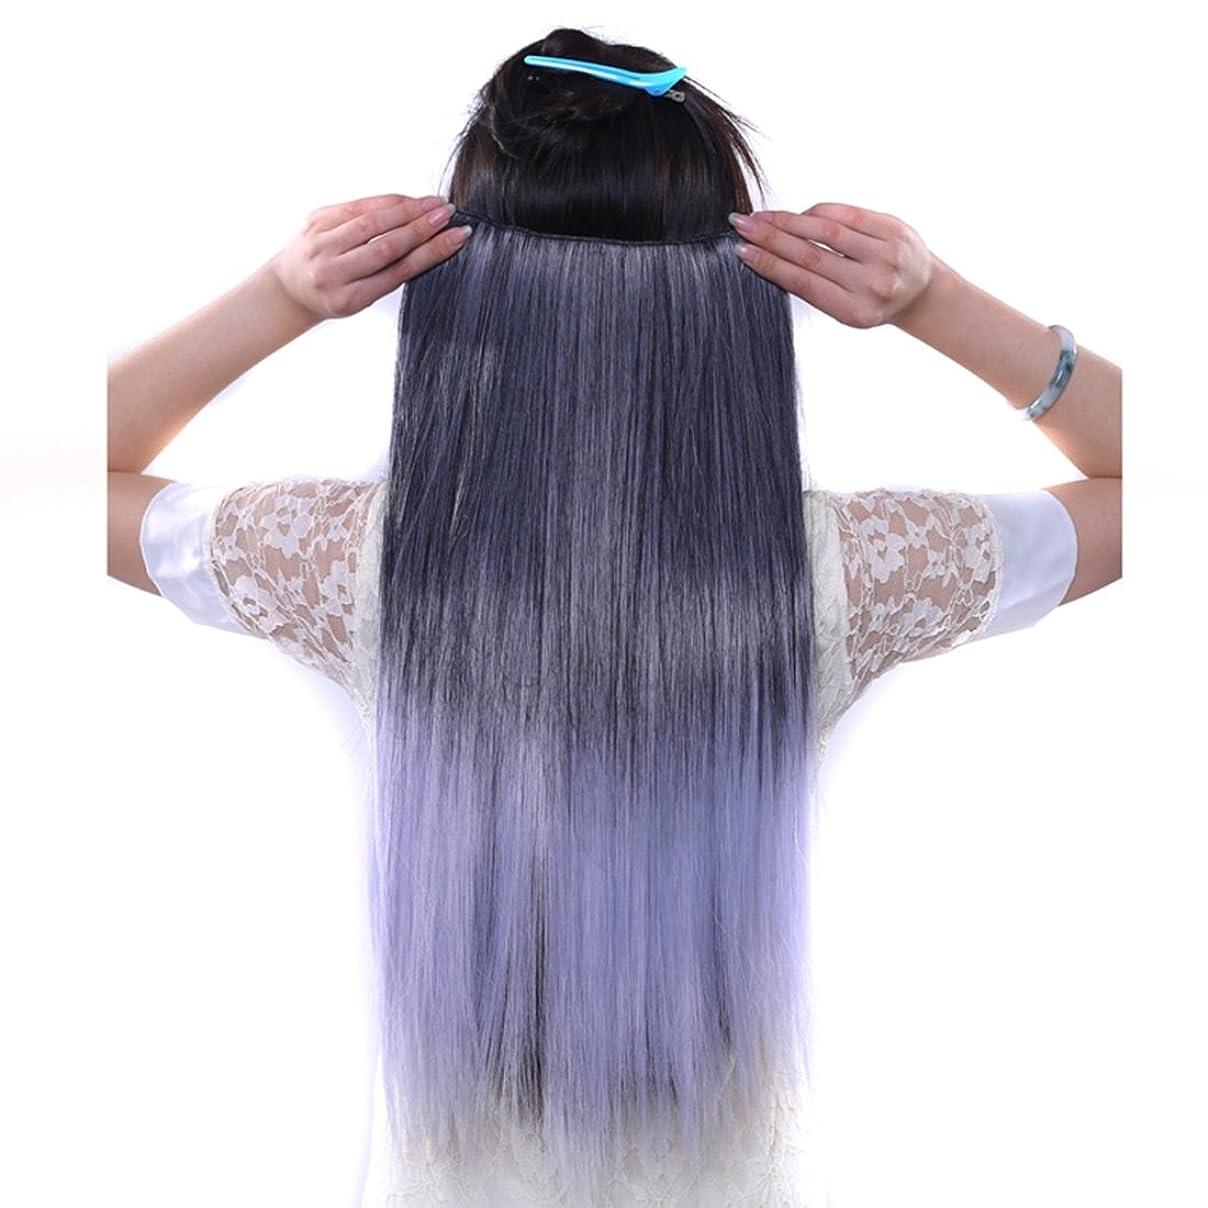 小康不完全住人Doyvanntgo 60cm合成毛エクステンションヘアカラーグラデーションウィッグピースのロングストレートヘアピース5クリップ (Color : Black gradient purple)